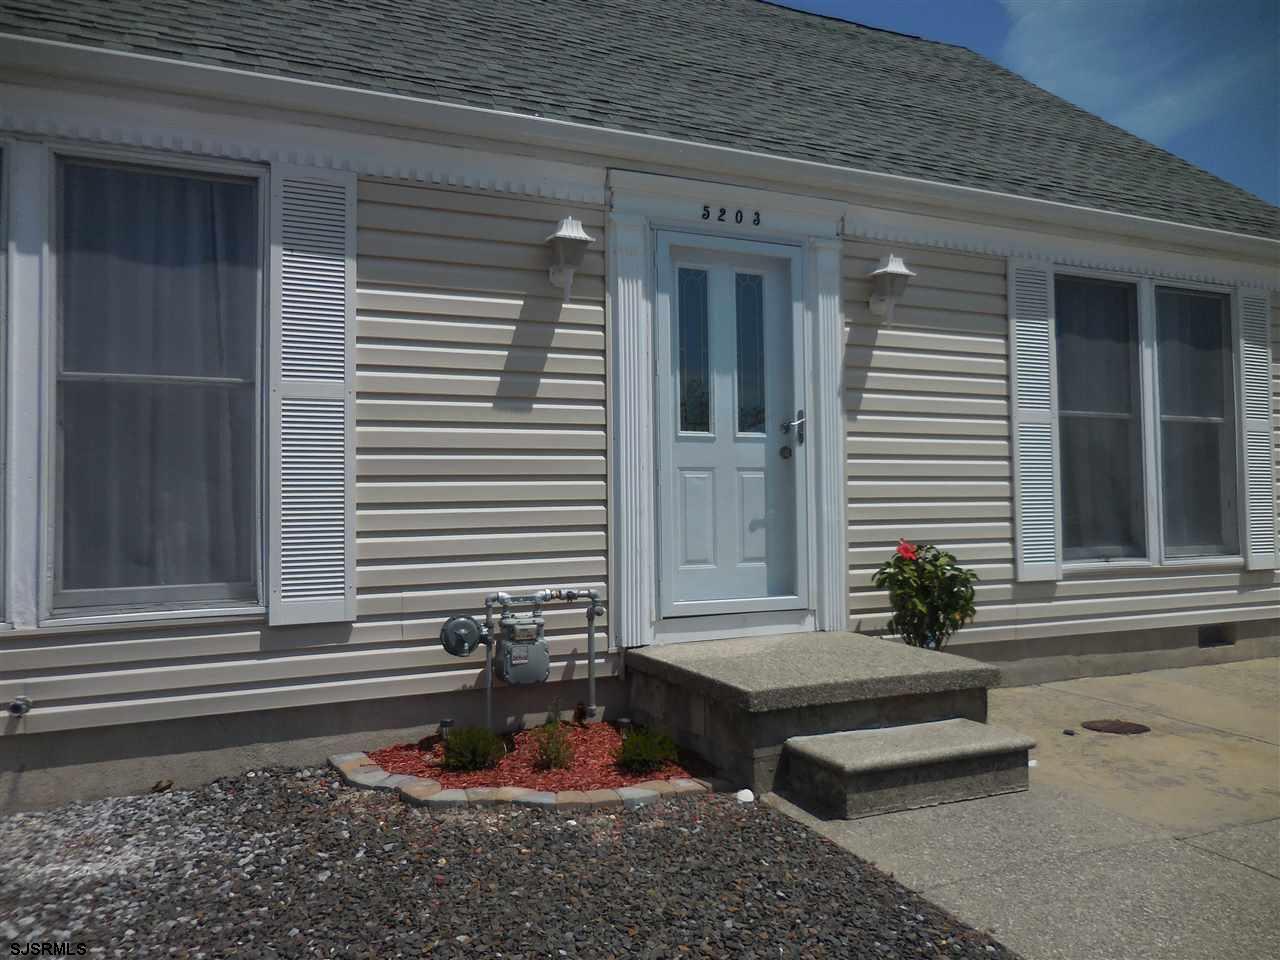 5203 Harbor Beach Blvd, Brigantine, NJ 08203